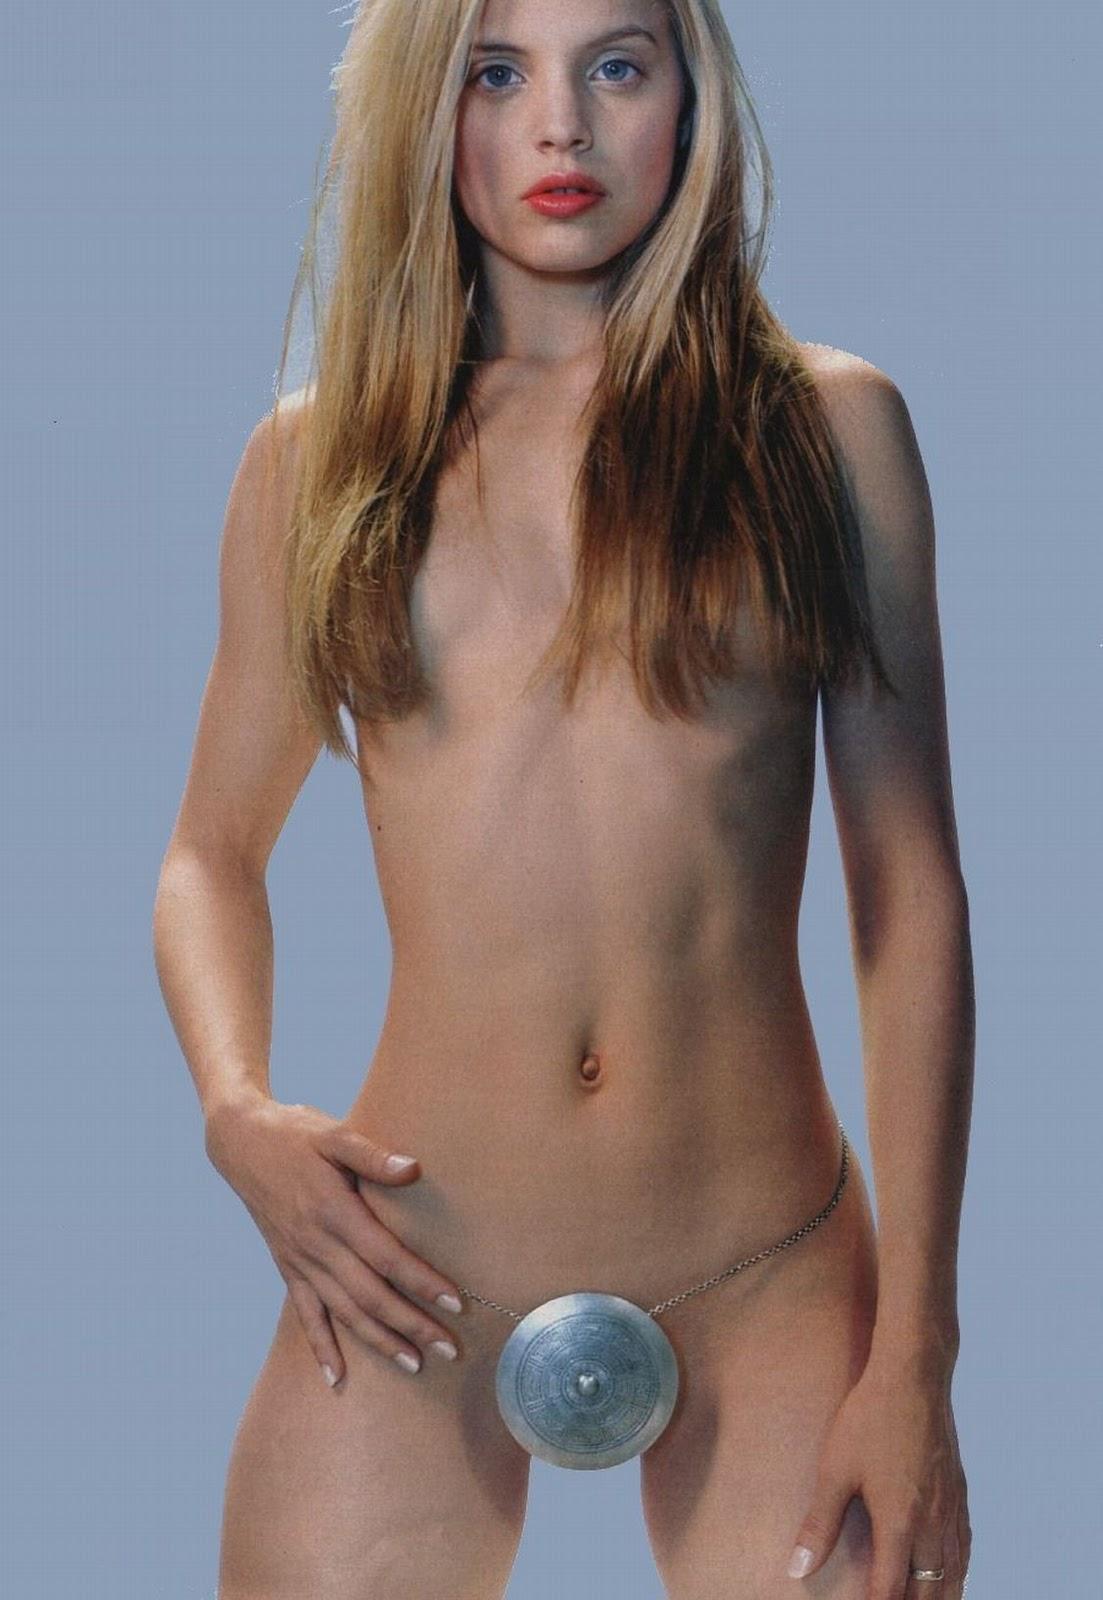 Fotos de mujeres desnudas - haztepajascom